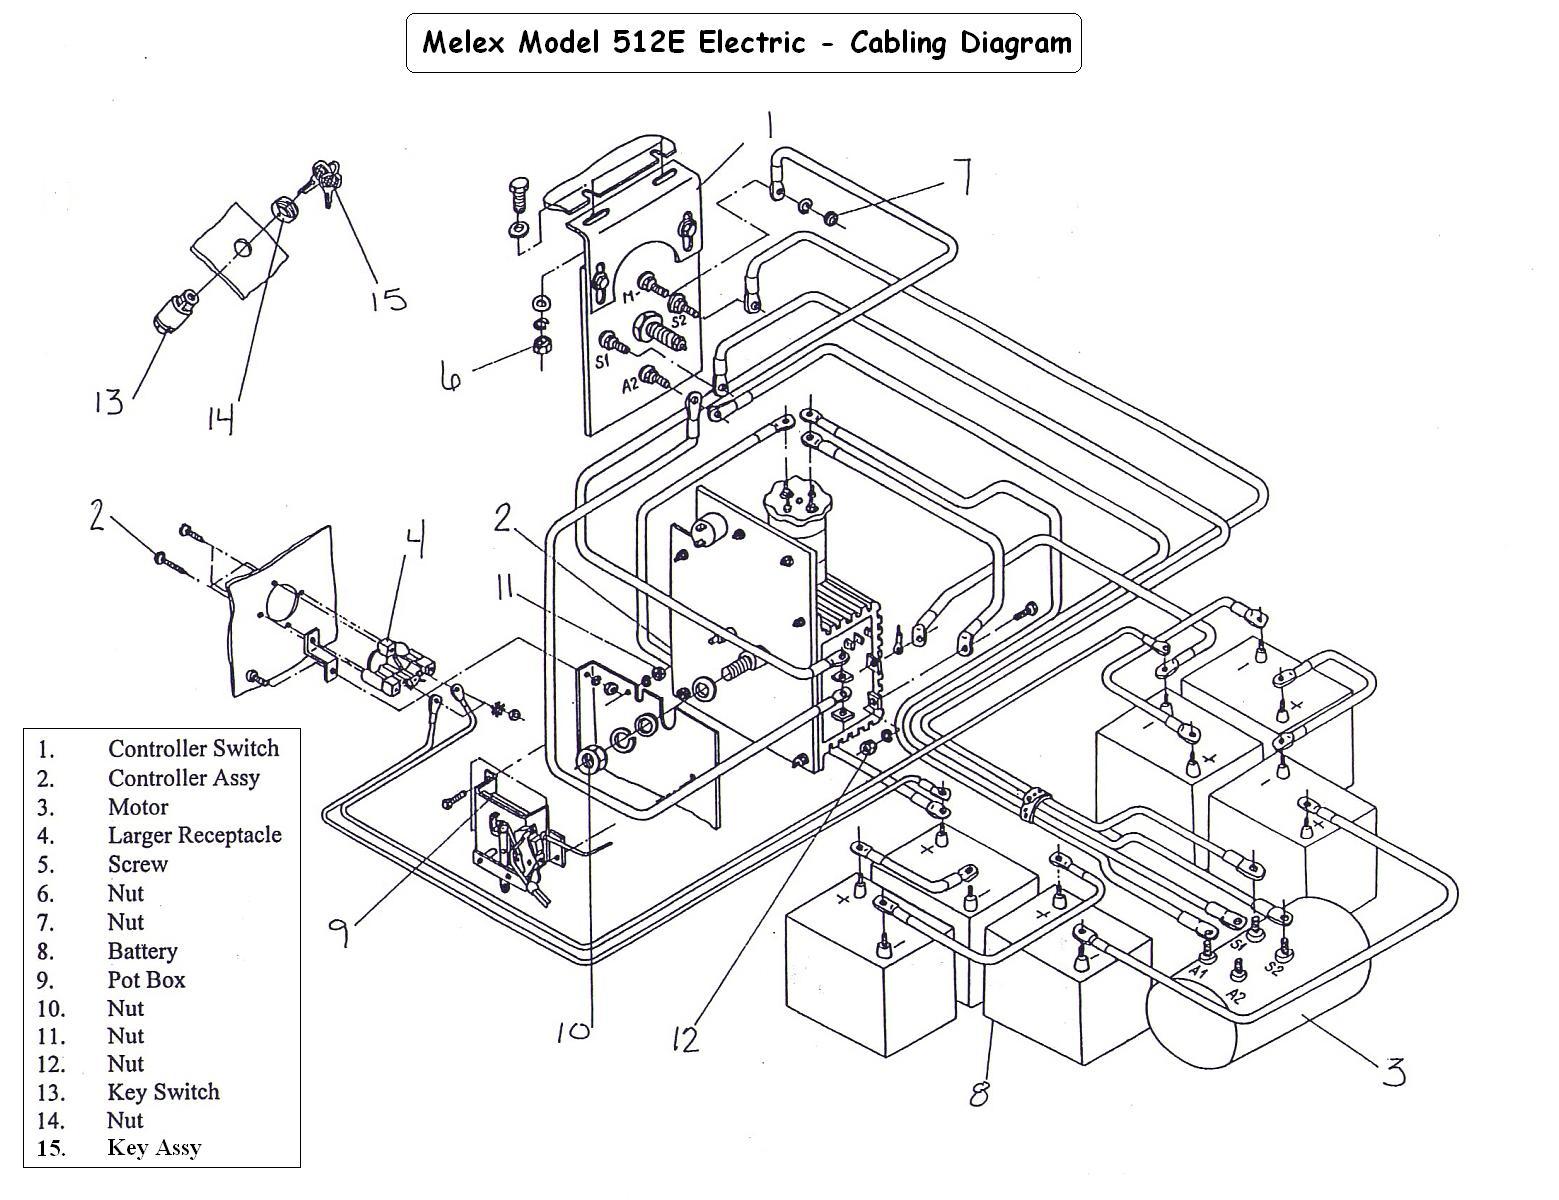 Melex512E_cabling_diagram?resize=665%2C512 yamaha wiring diagrams readingrat net g9 wiring diagram at eliteediting.co